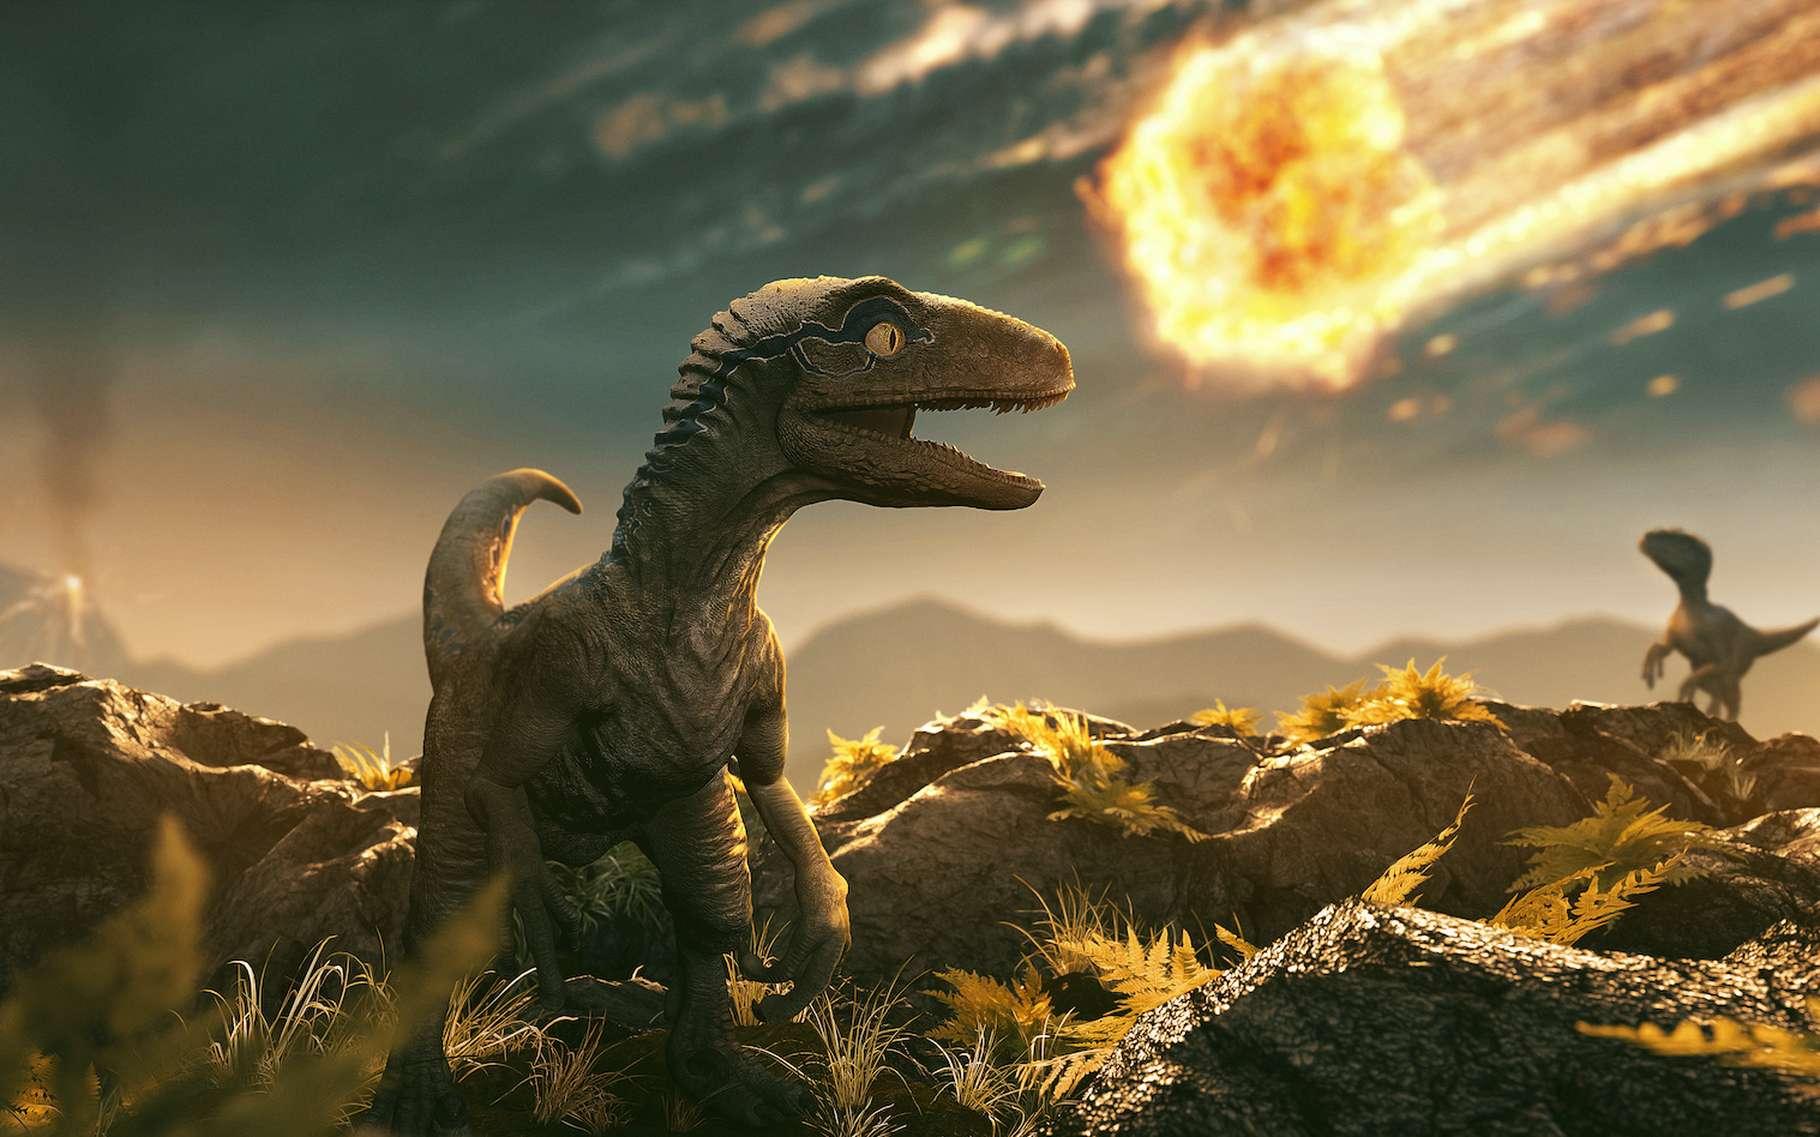 Illustration du cataclysme qui a provoqué l'extinction des dinosaures il y a 66 millions d'années. © lassedesign, Adobe Stock